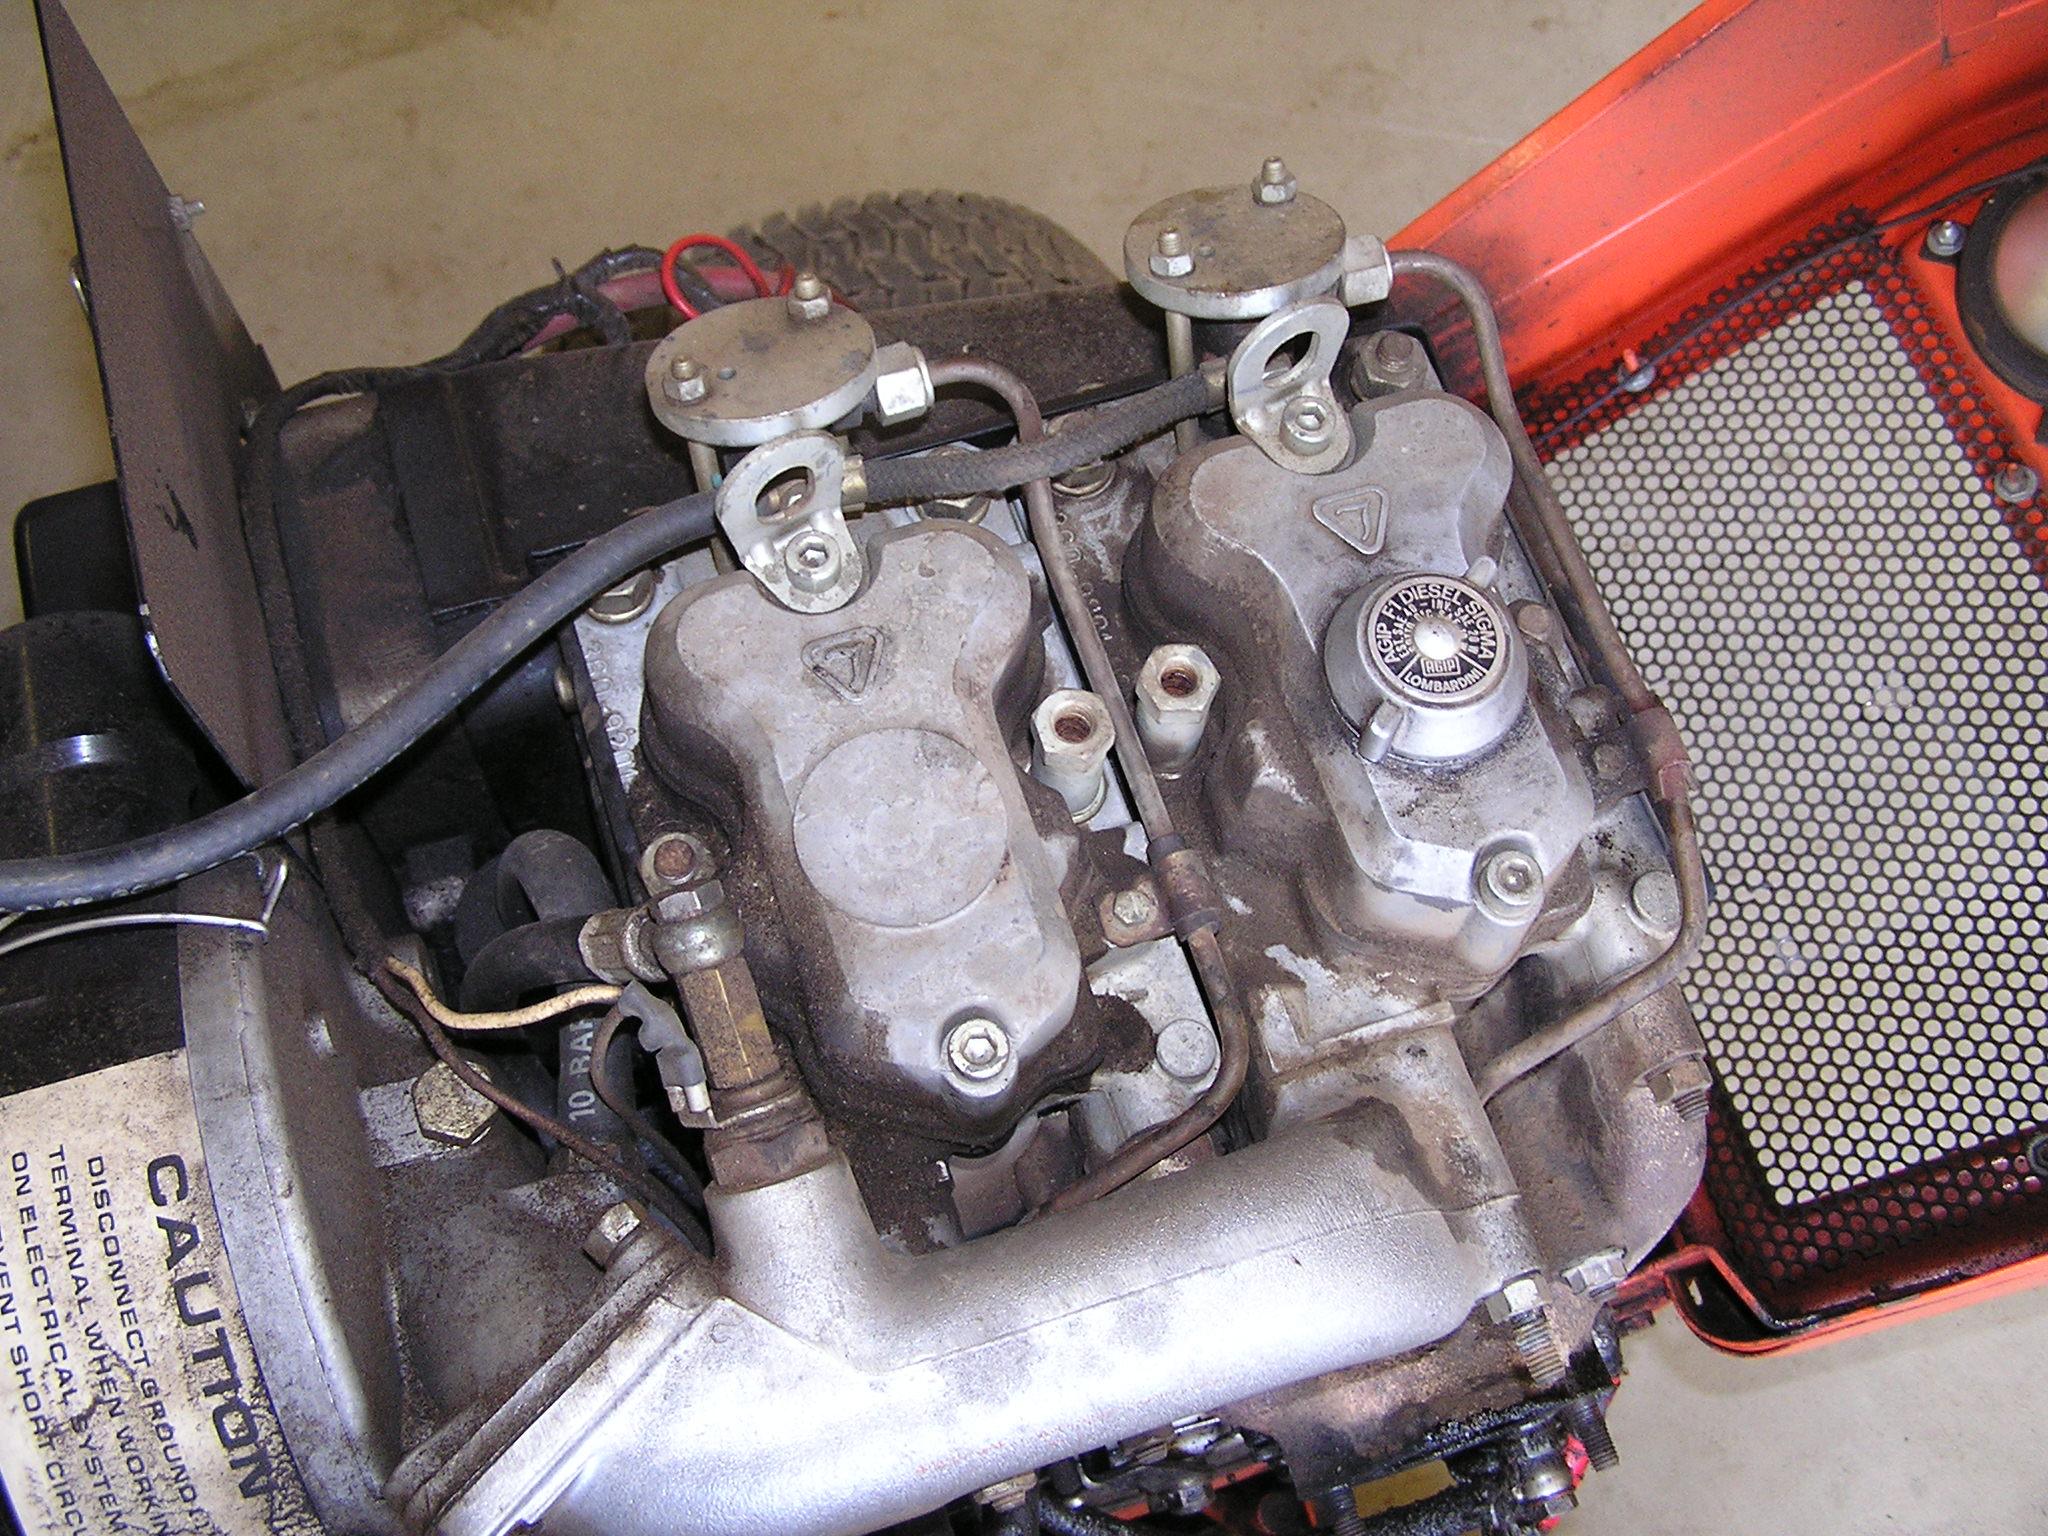 Isuzu Ascender P1805 Engine Error Code